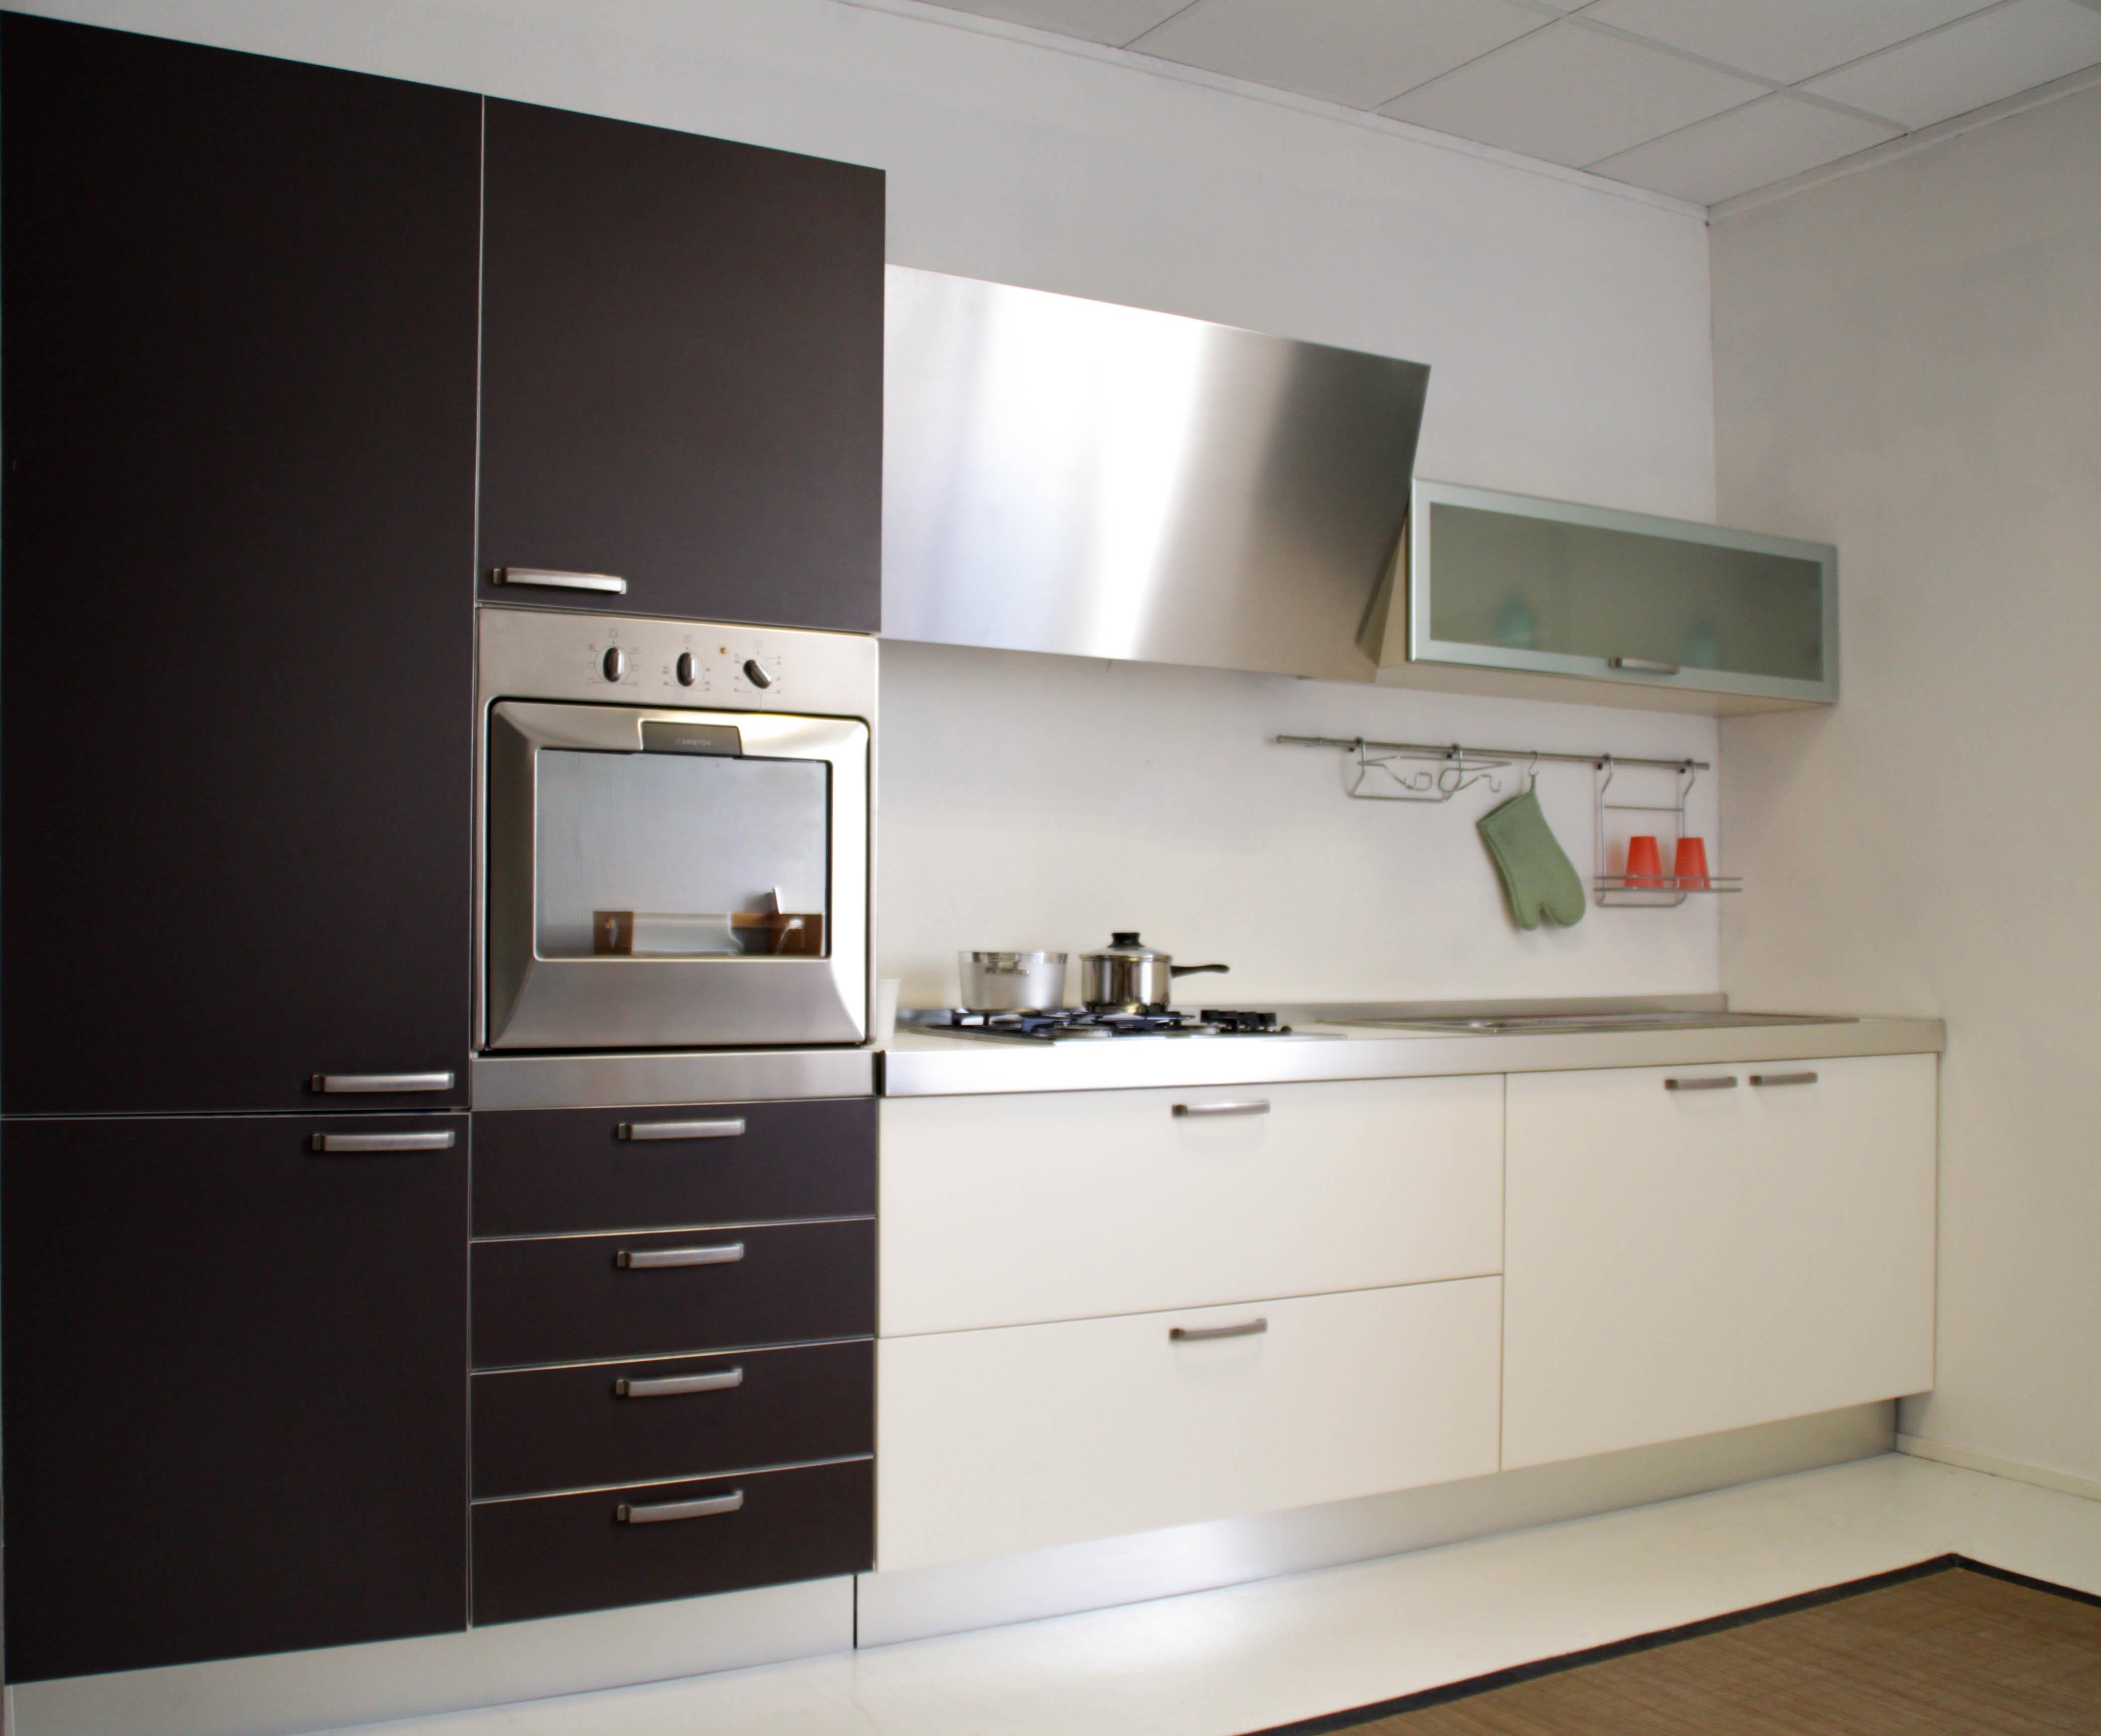 Soggiorni Moderni Scontati : Salvarani cucina tender color scontato del cucine